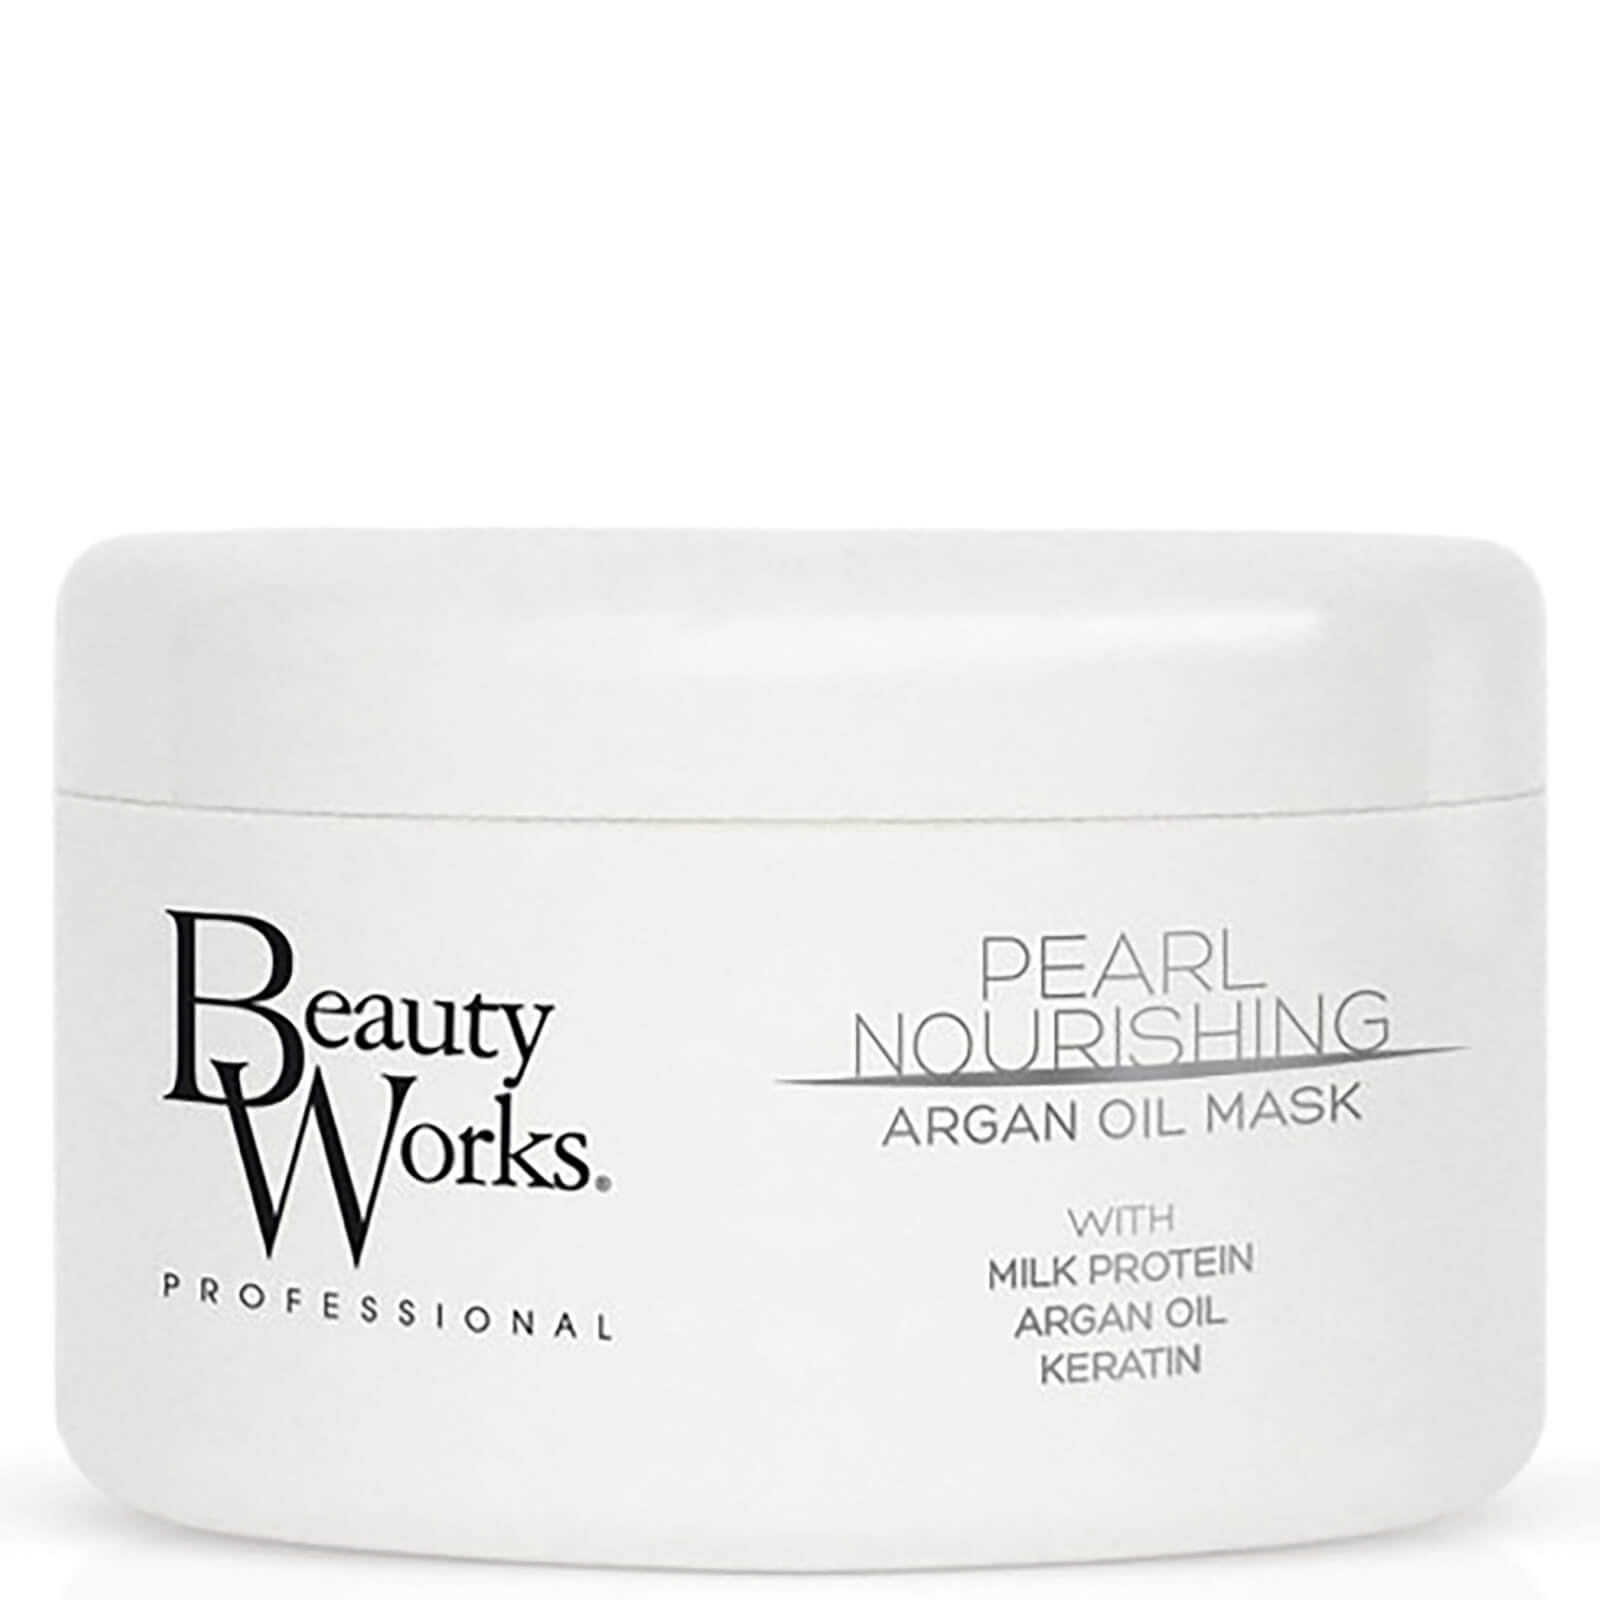 Beauty Works Pearl Nourishing Argan Oil Mask - 250ml